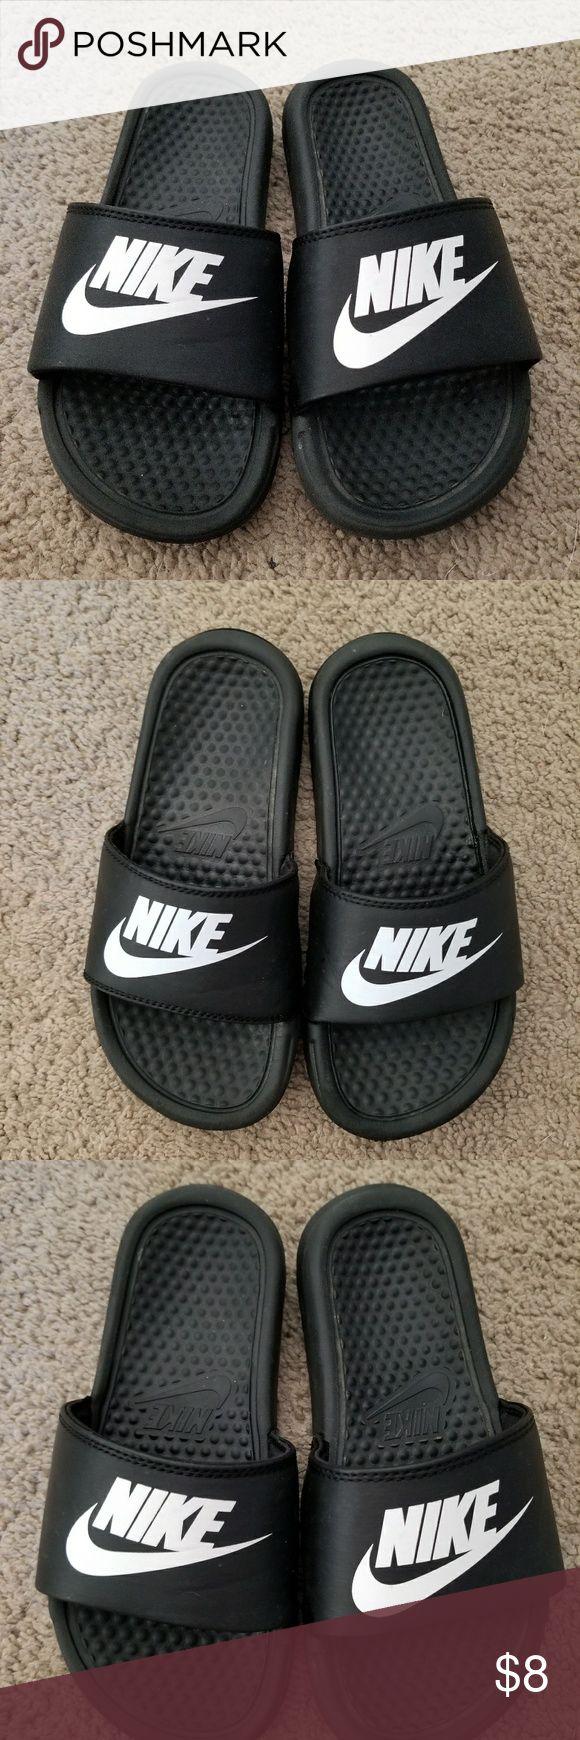 Kids Nike Slides Kids Size 2 Nike Slides Nike Shoes Sandals & Flip Flops